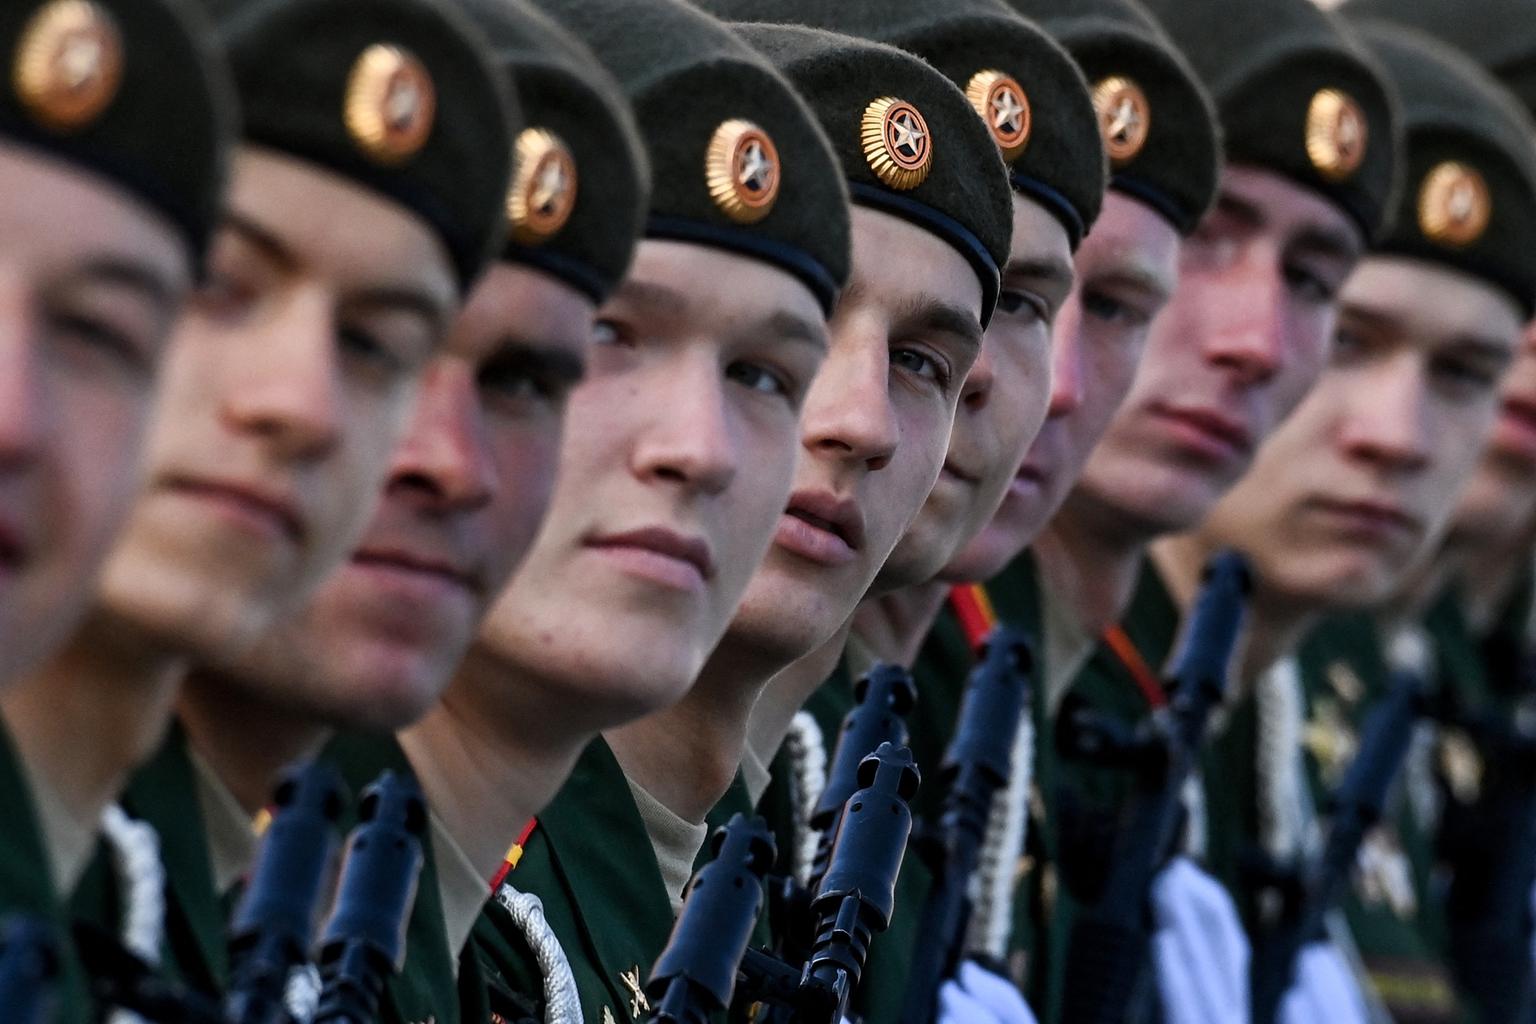 """""""Oroszország szerte a hadsereg 60 ezer tagja, 300 repülőgép és 1800 szárazföldi jármű kíséretében vesz részt a Győzelem napjának megünneplésében"""""""